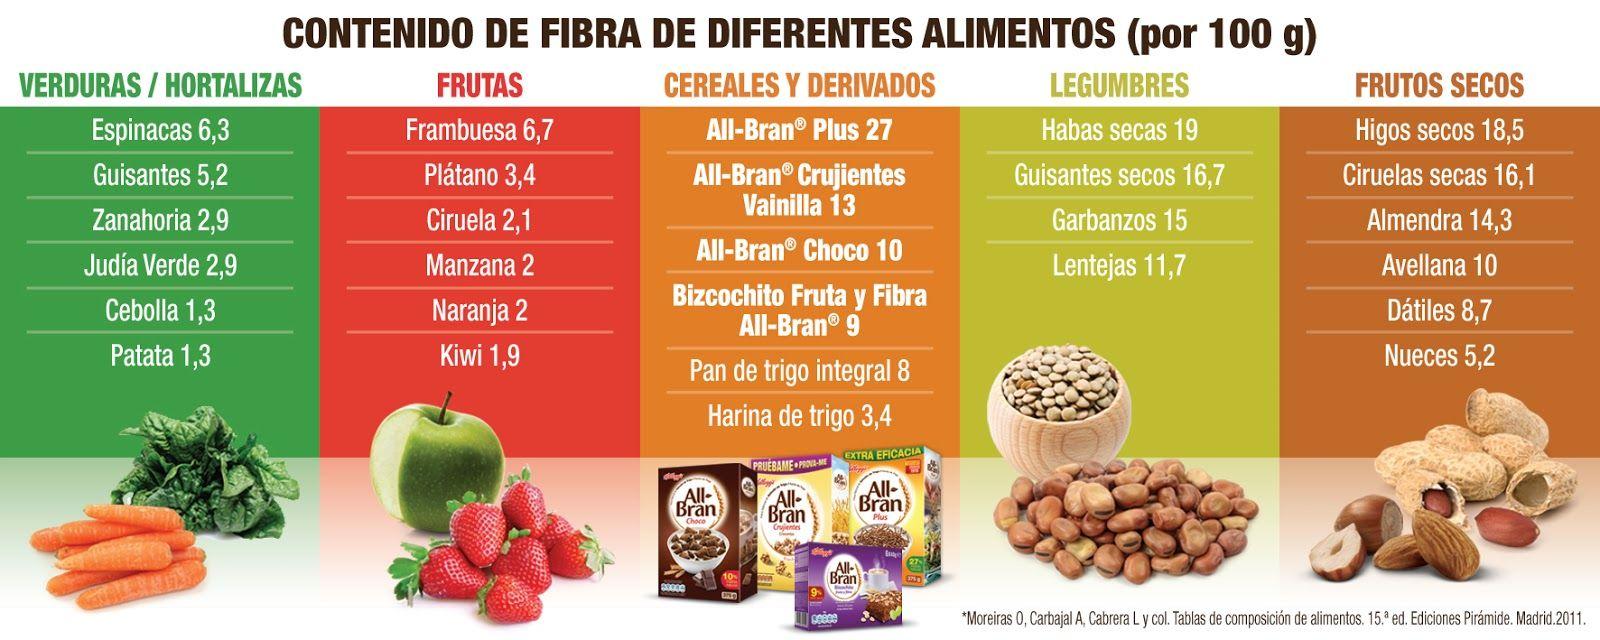 Tabla De Fibra De Algunos Alimentos Alimentos Con Fibra Comidas Ricas En Fibra Frutas Ricas En Fibra